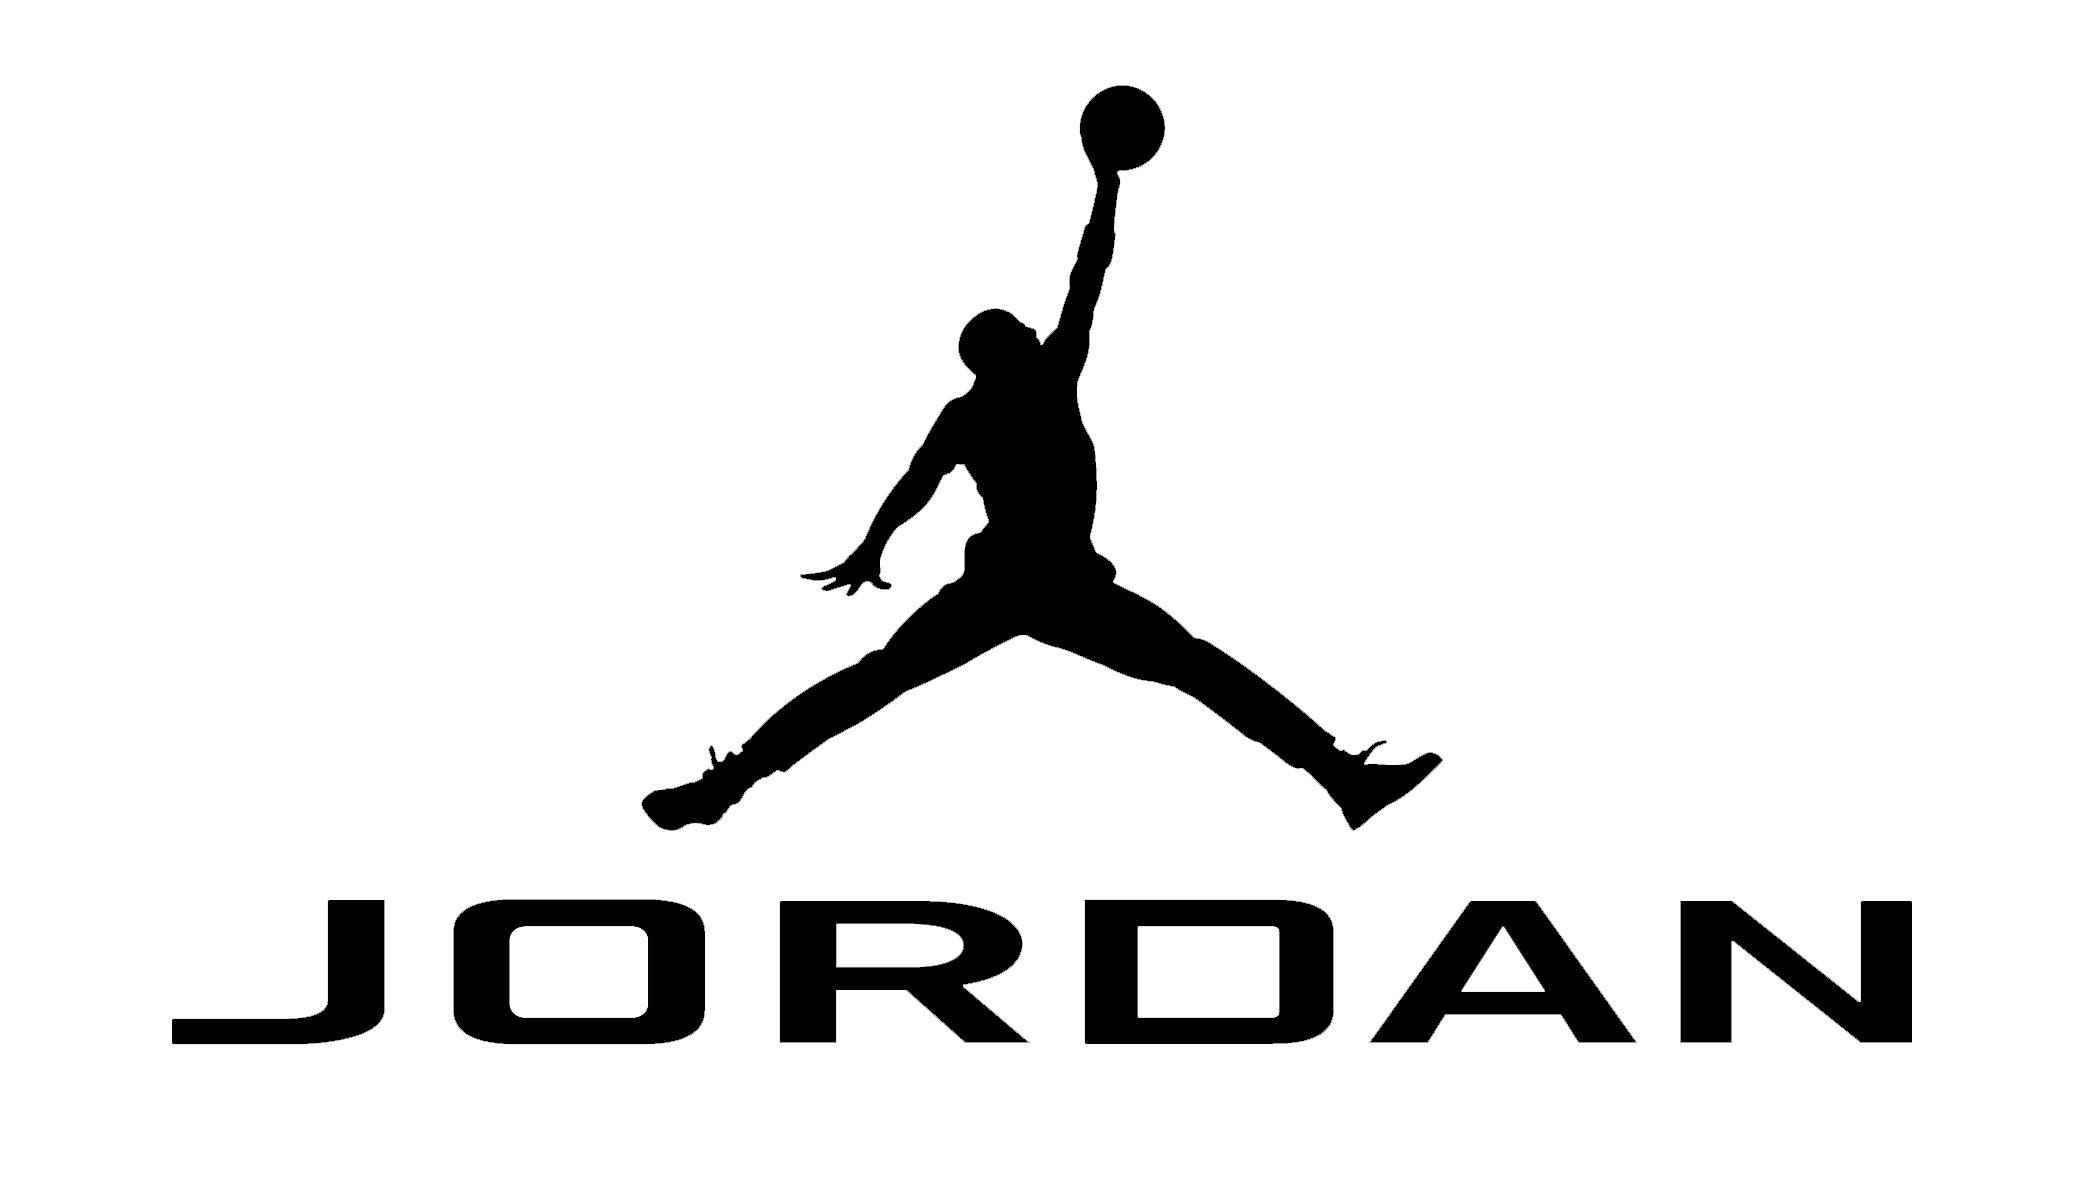 Jordan clipart.